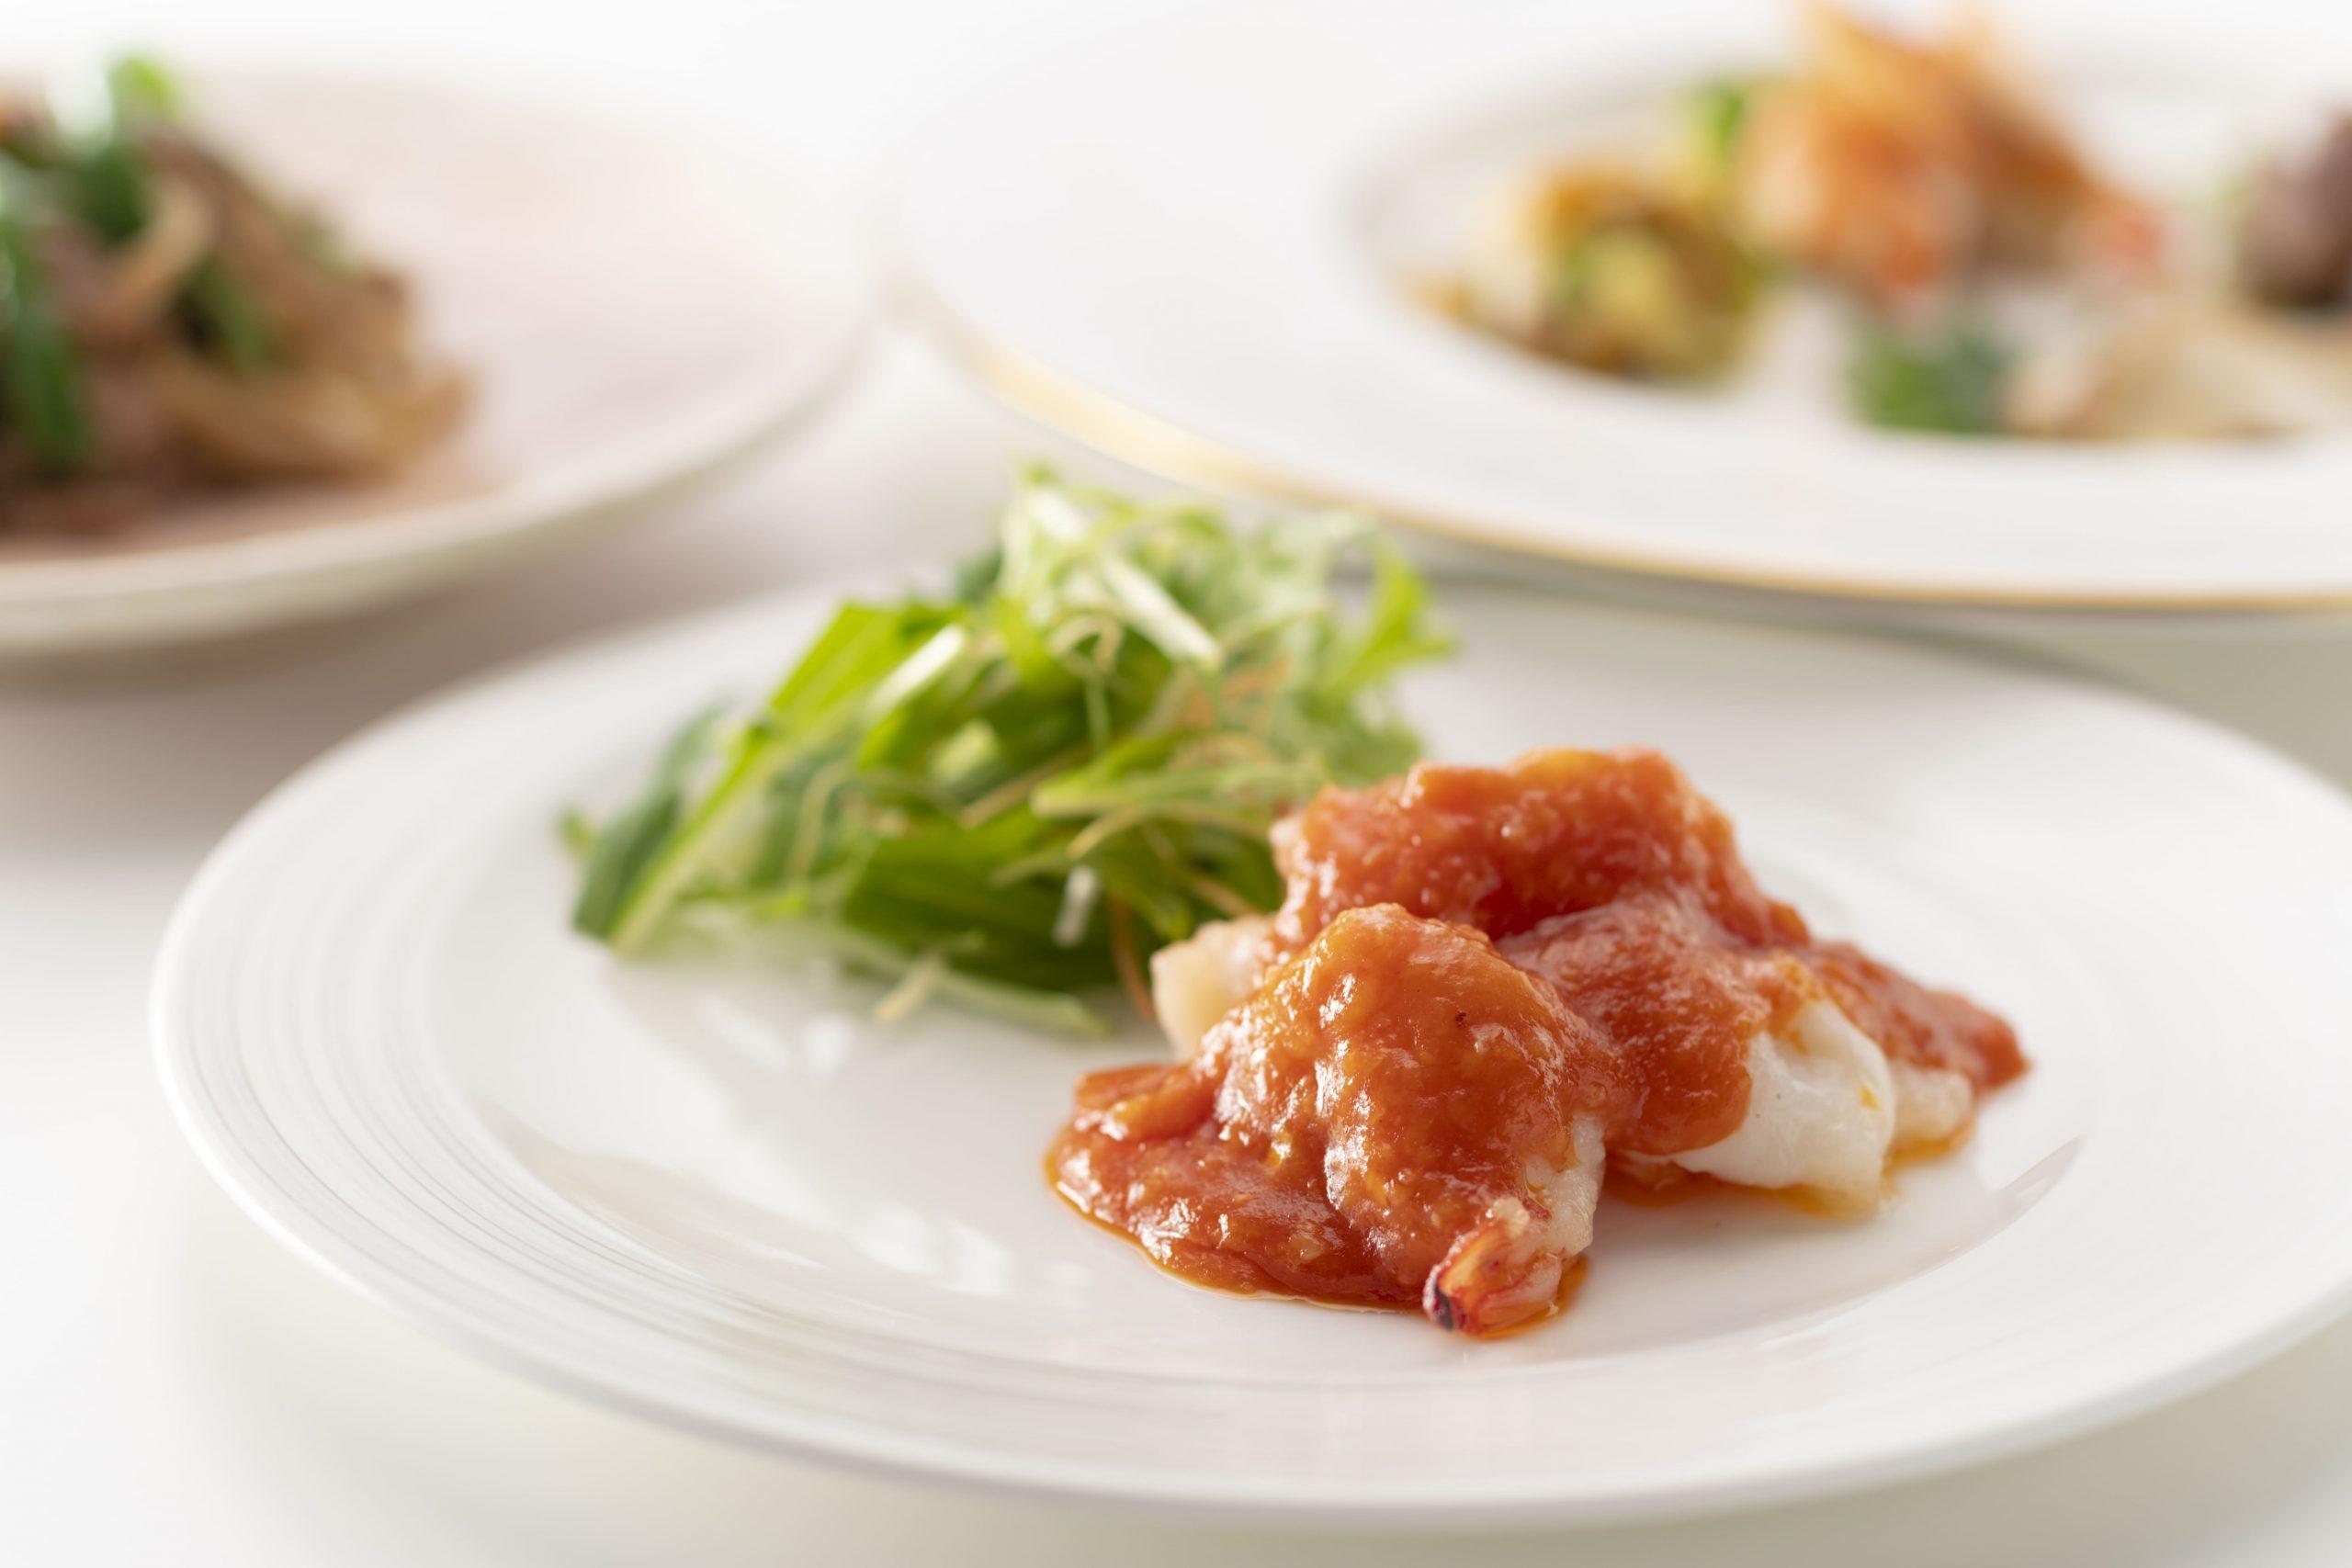 中国料理「星ヶ岡」:和食と中華、洋食と中華といった異なる食文化とのコラボレーションメニューの数々(ランチイメージ)